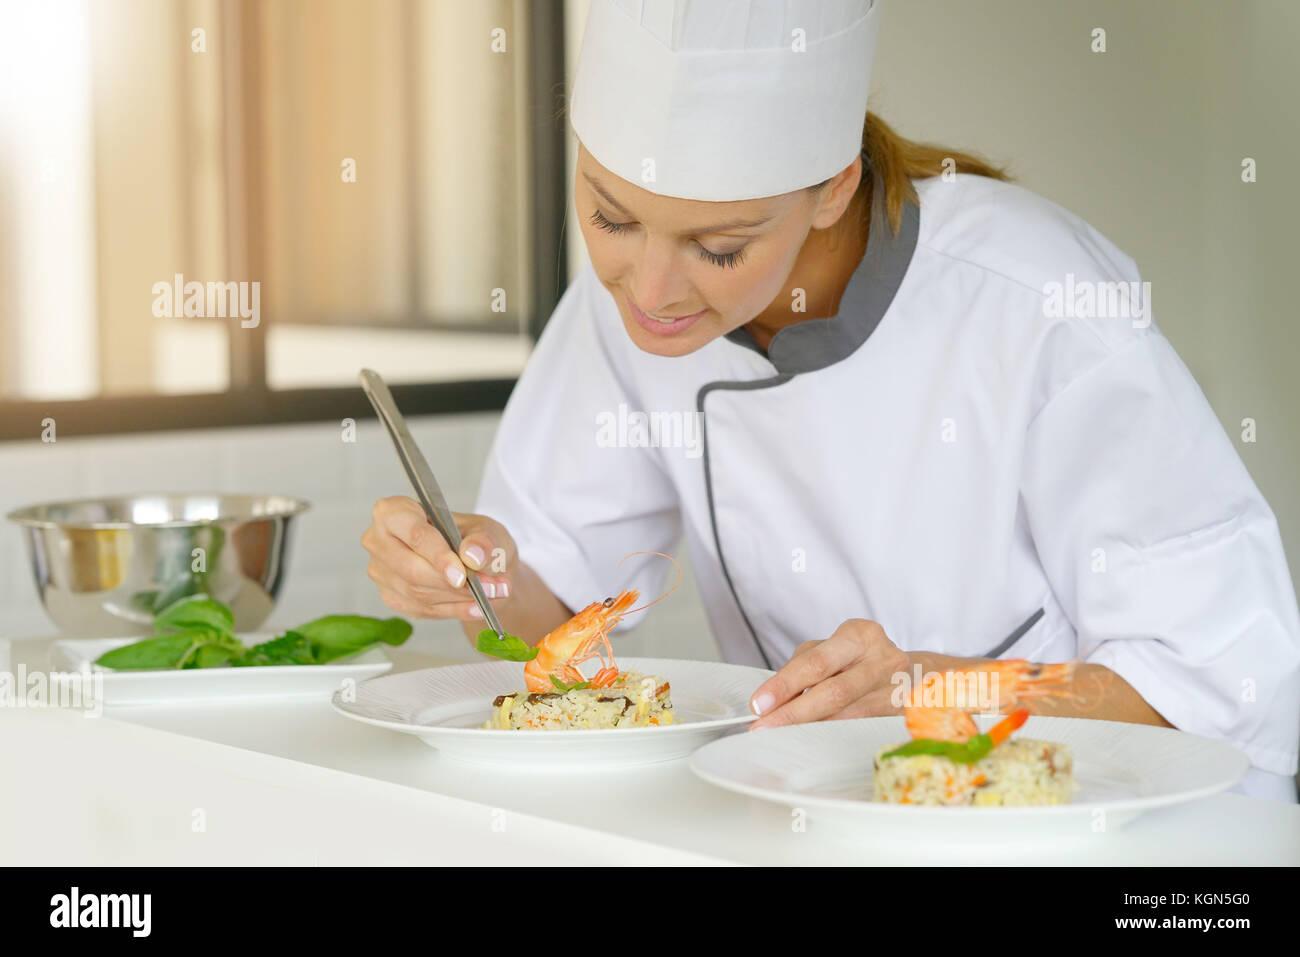 Der Küchenchef bereitet Gericht in professionellen Küche Stockbild